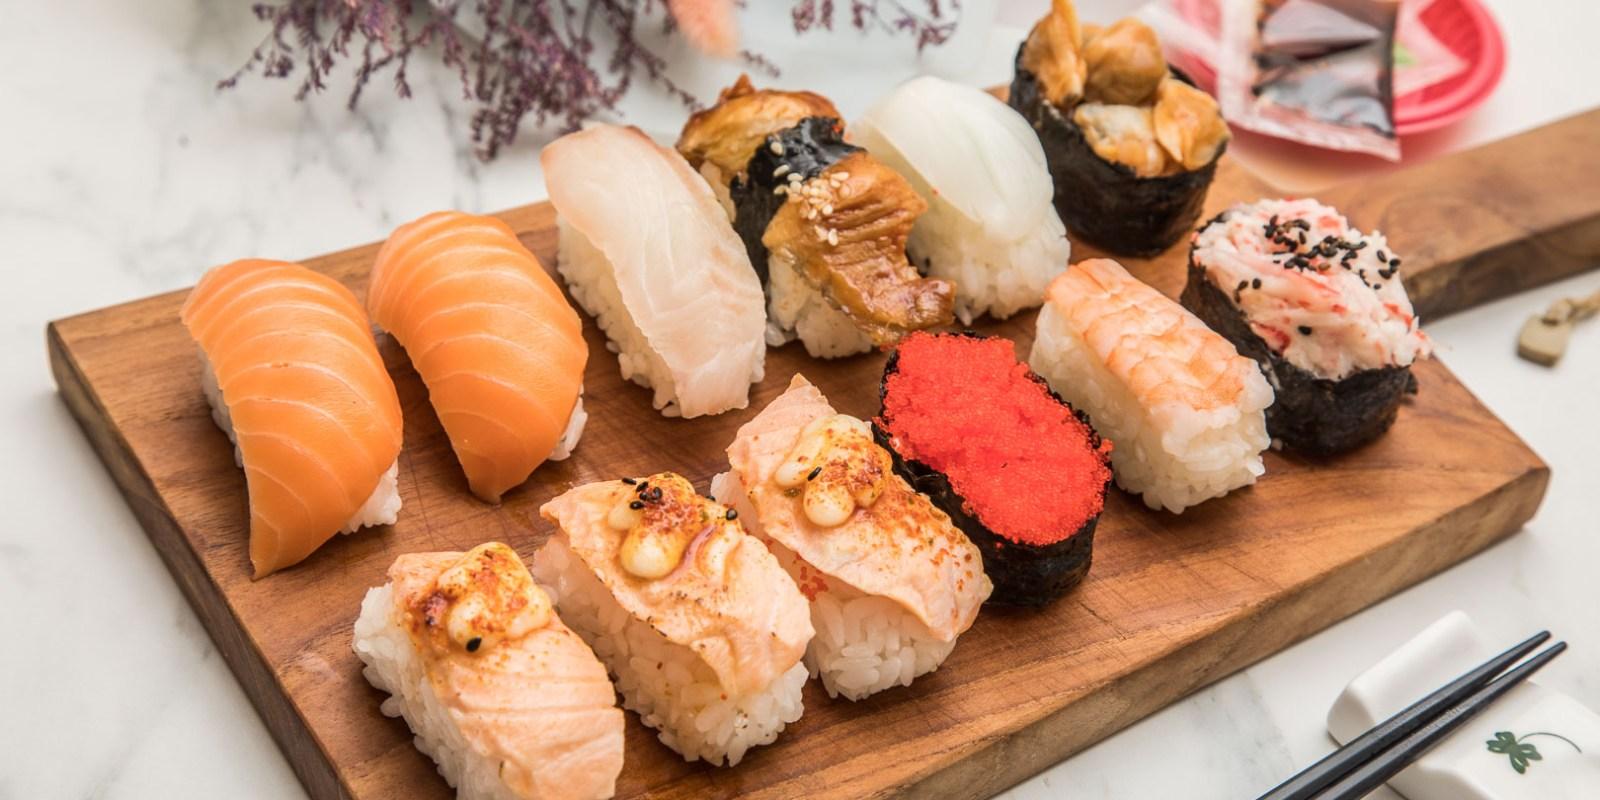 [桃園美食]黑武藏十元壽司(南崁店)/十元壽司界的王者!十元壽司用這種料我真的跪了,炙燒鮭魚壽司一顆只要15元!